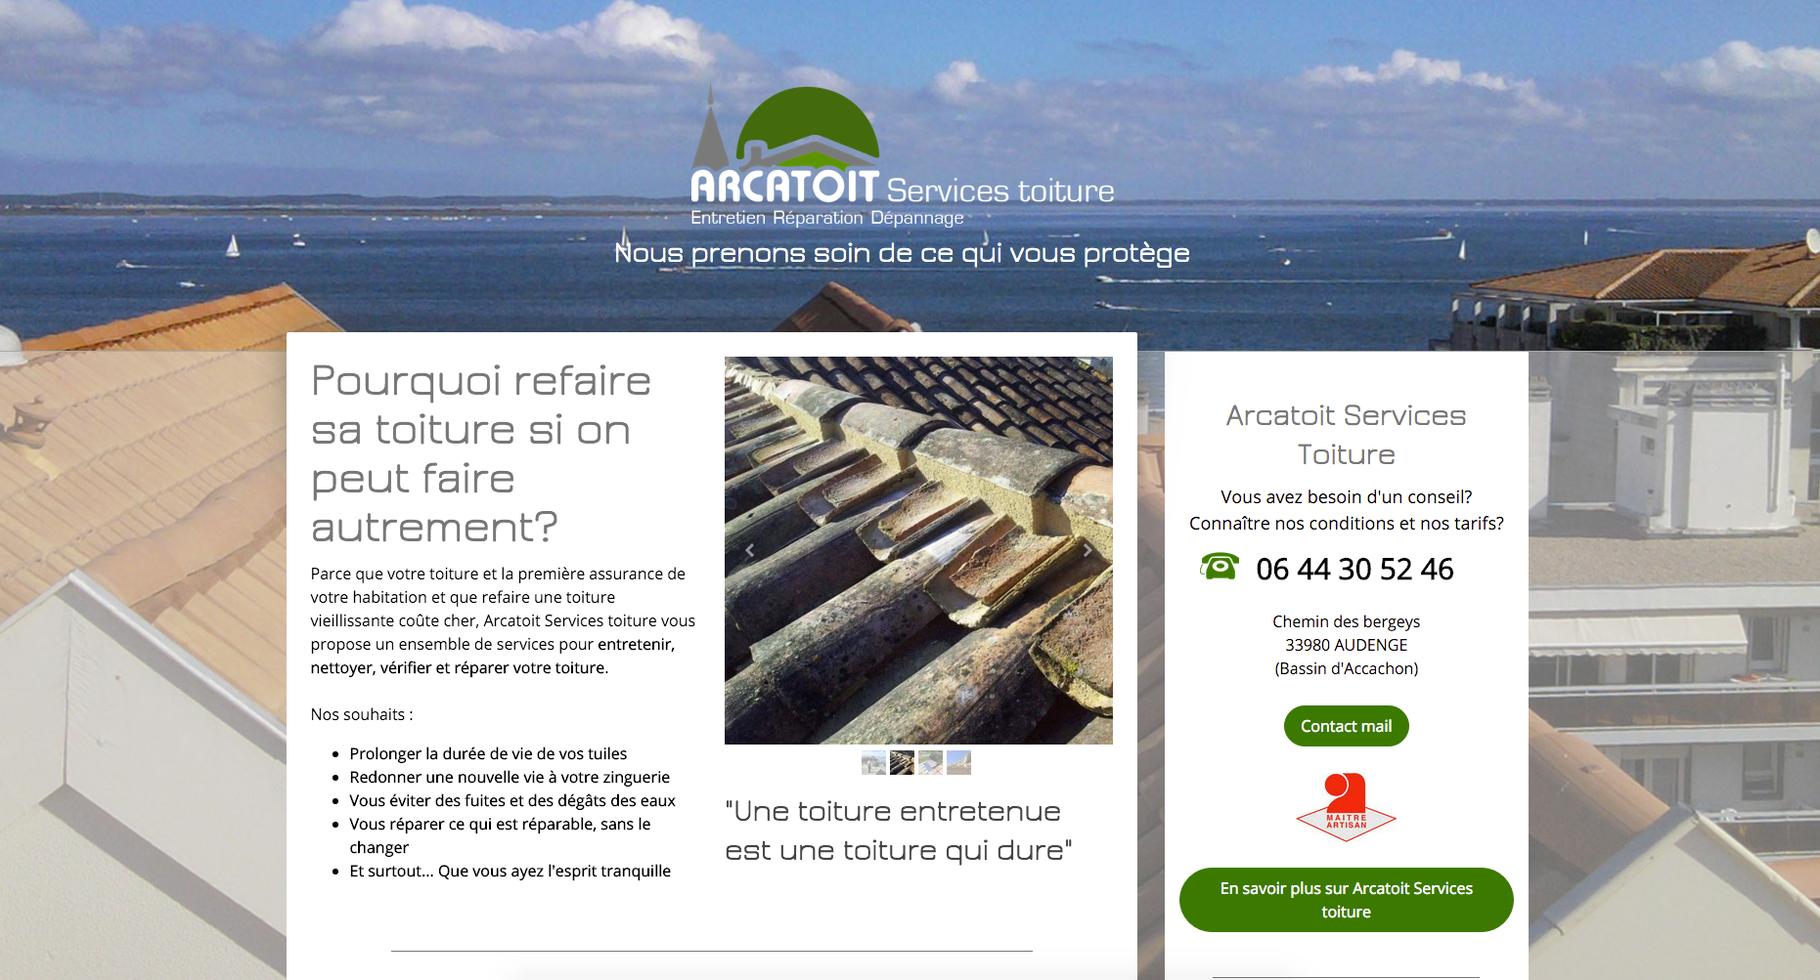 http://www.arcatoit-services.com